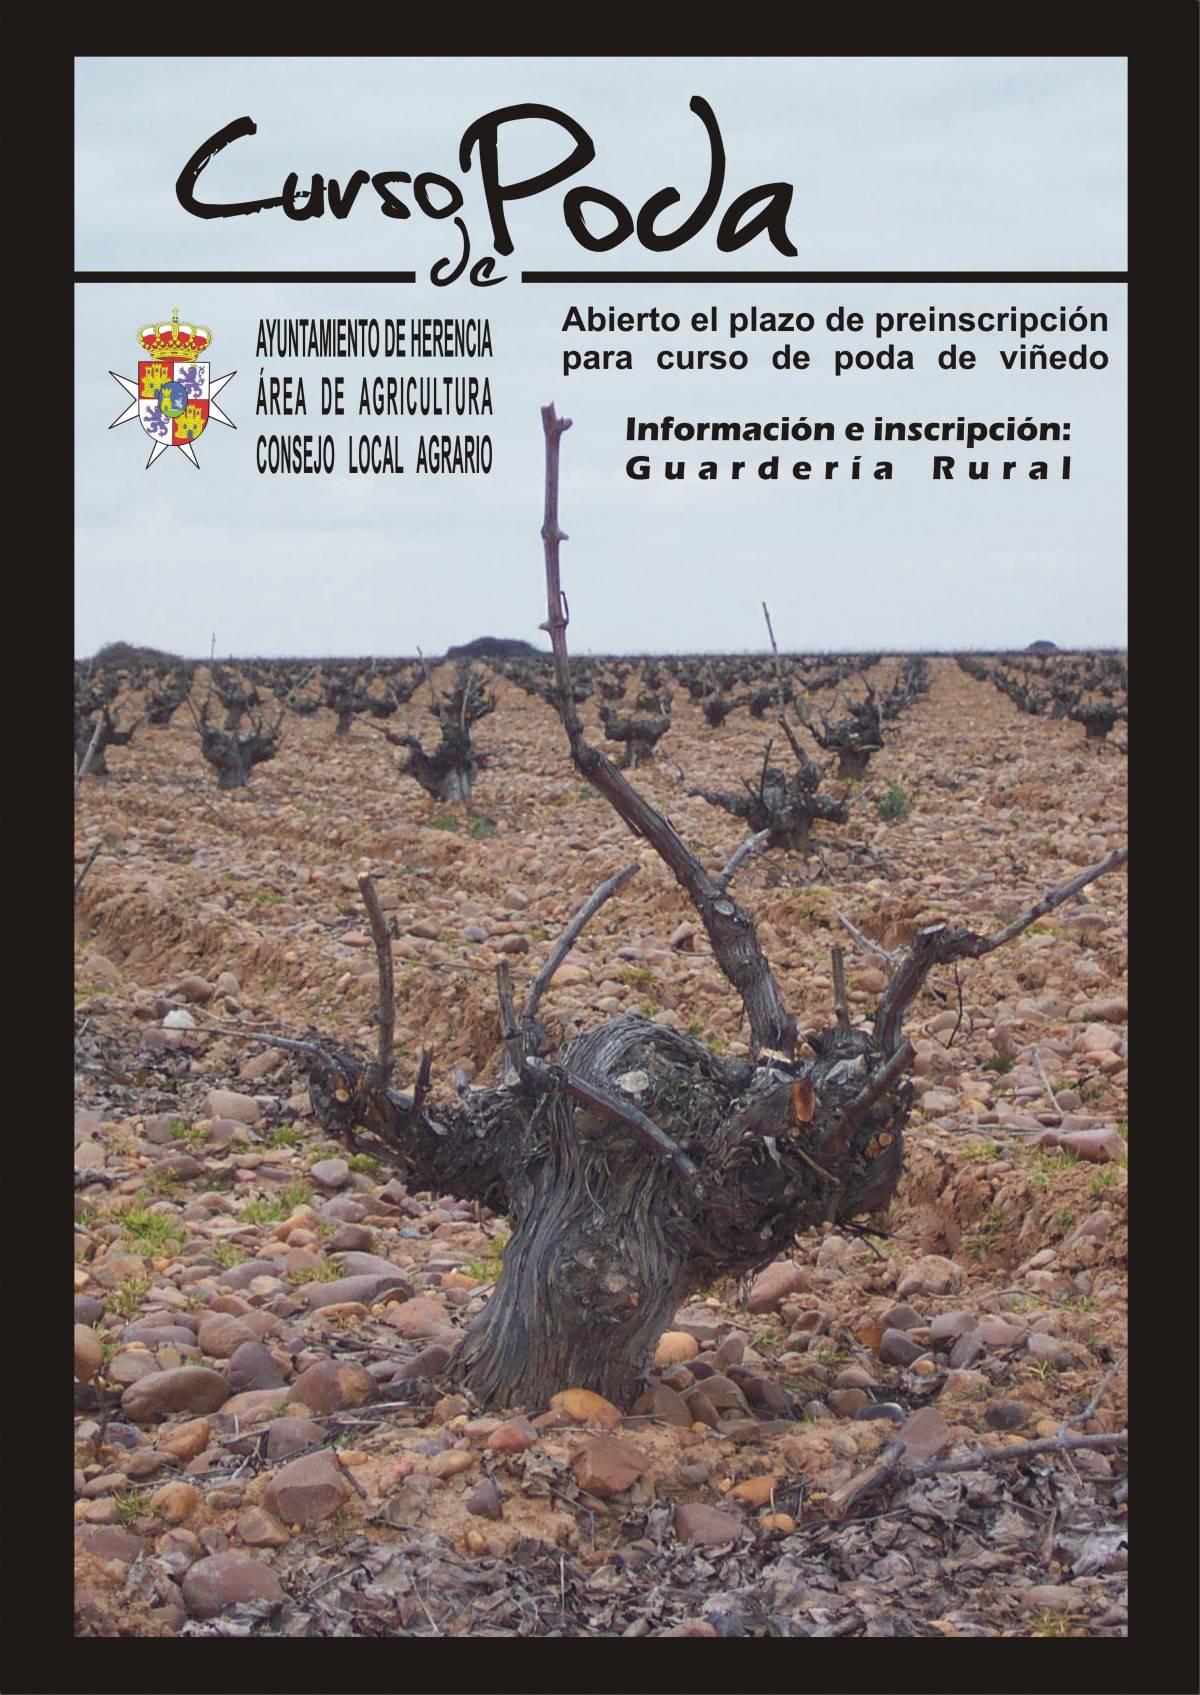 curso poda e1412150311905 - Curso de poda del viñedo 2014